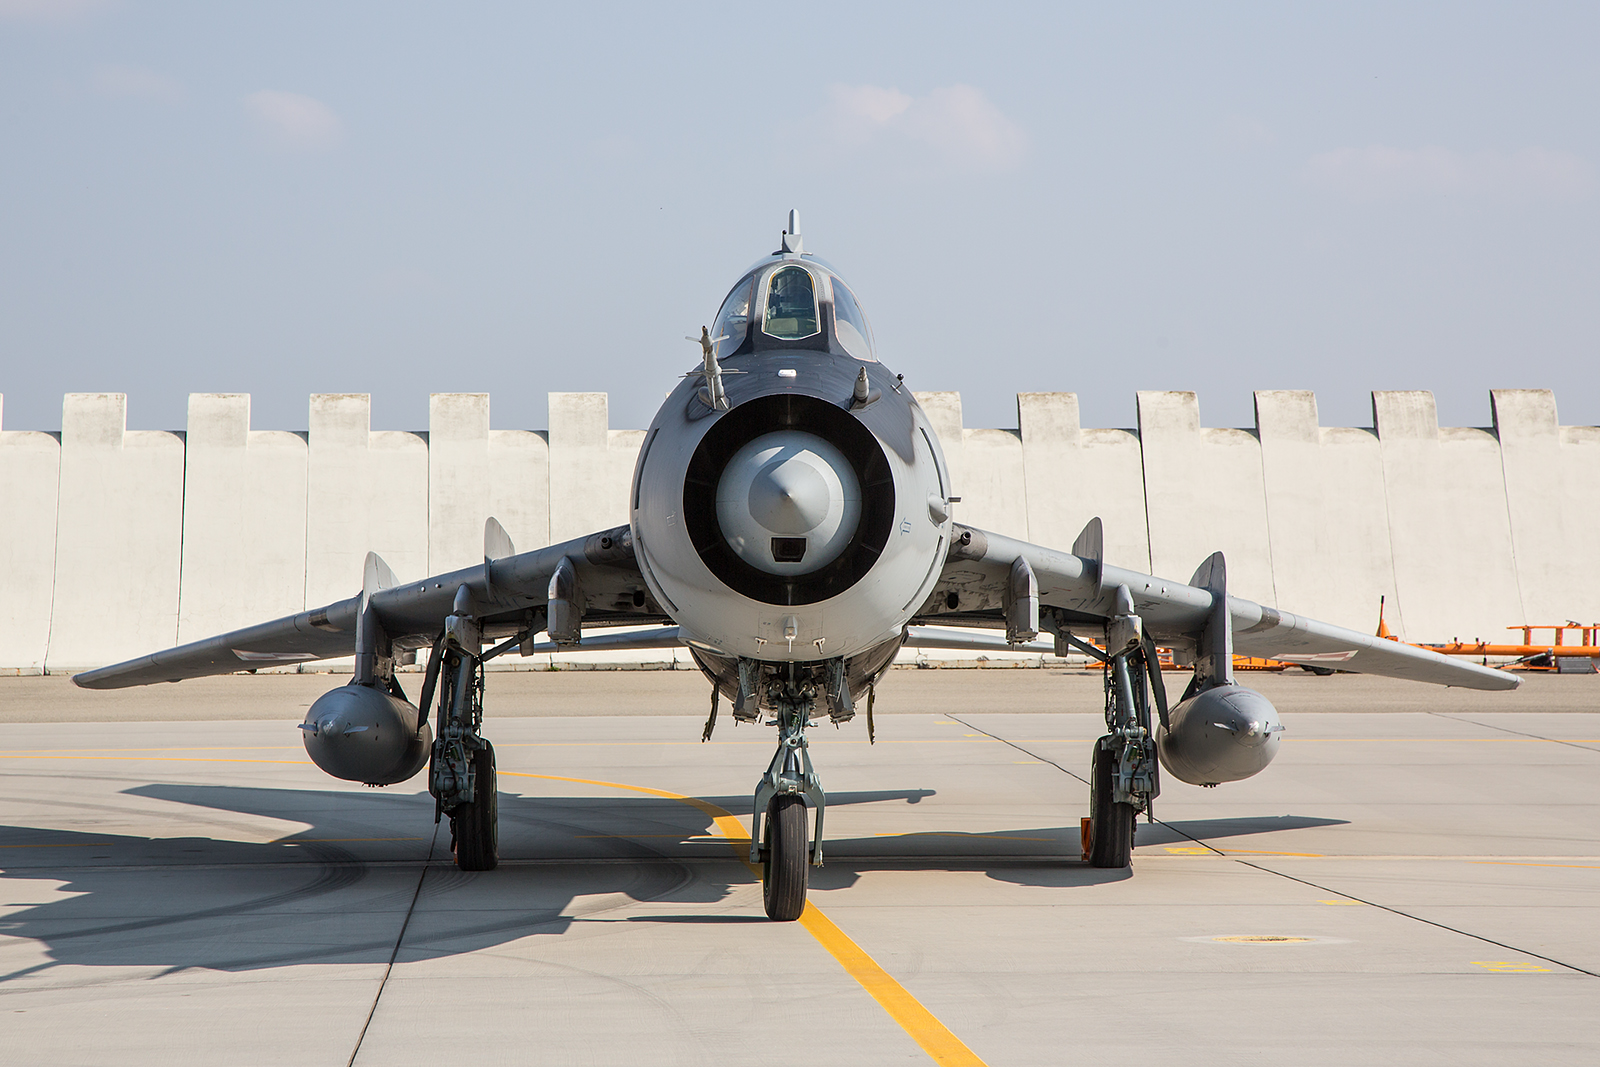 Die Su-22 von vorne. Im Conus unten erkennt man die Geschützkamera.